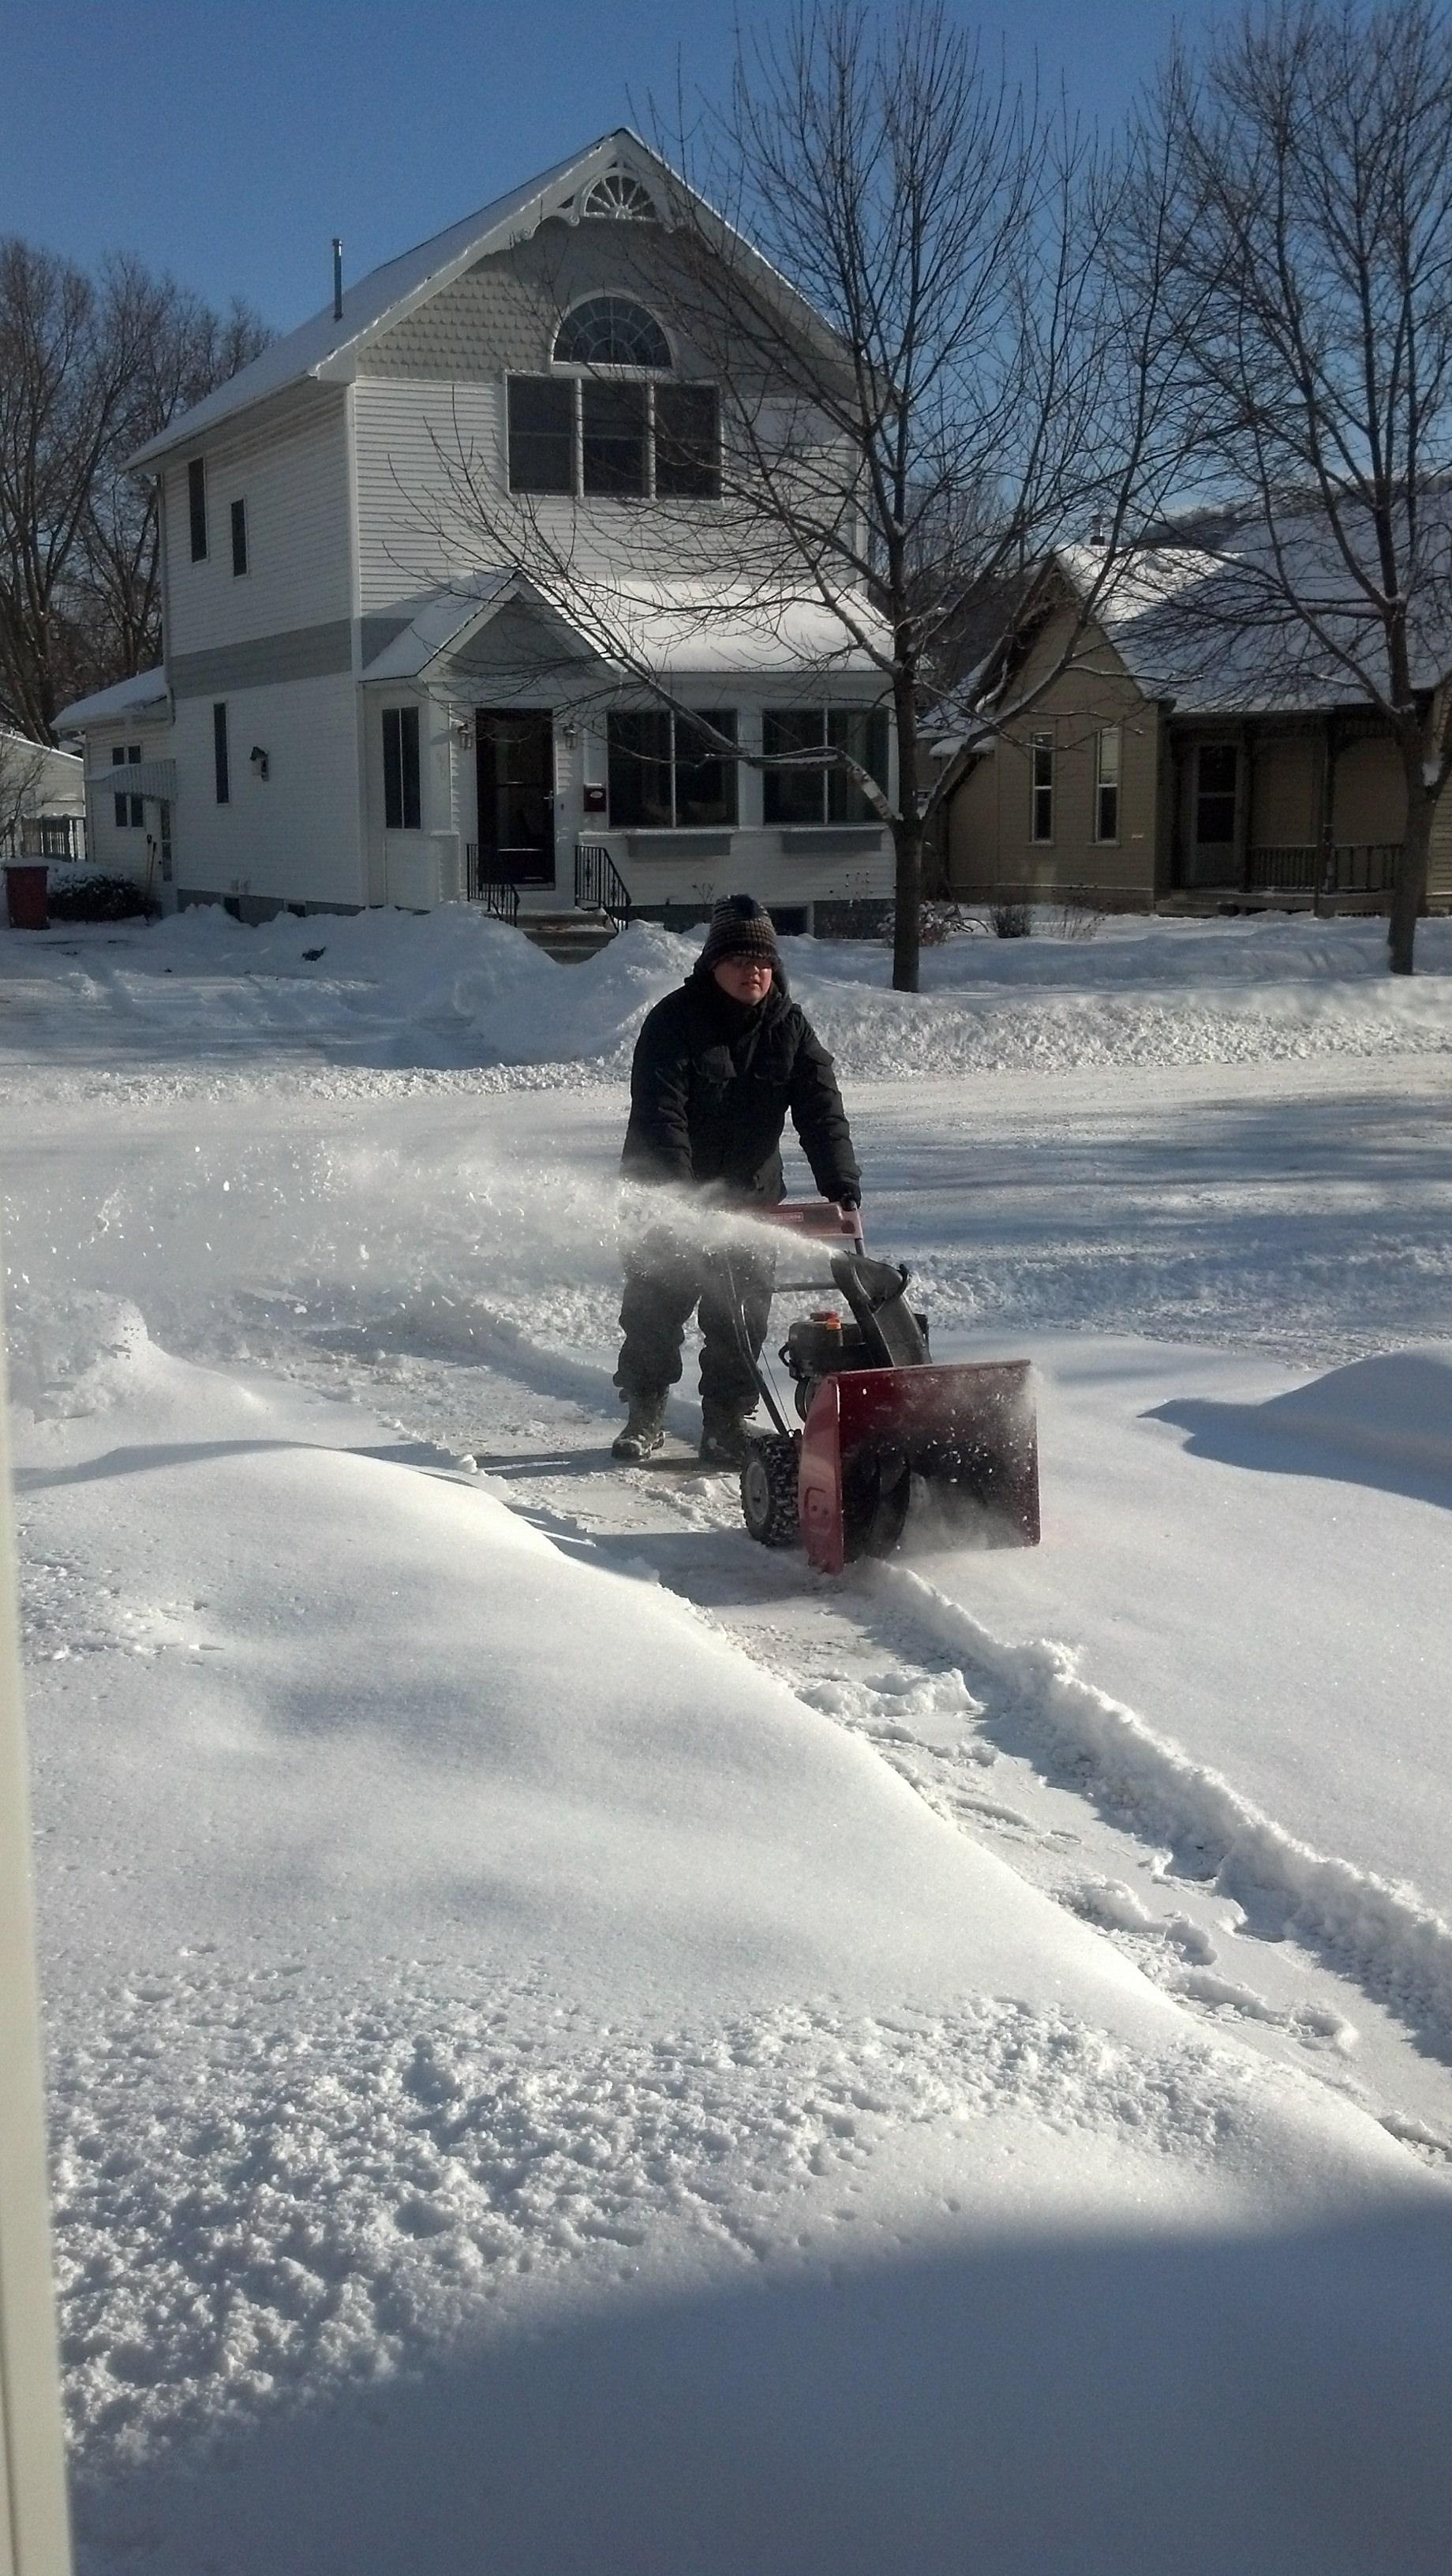 Pushing snowblower